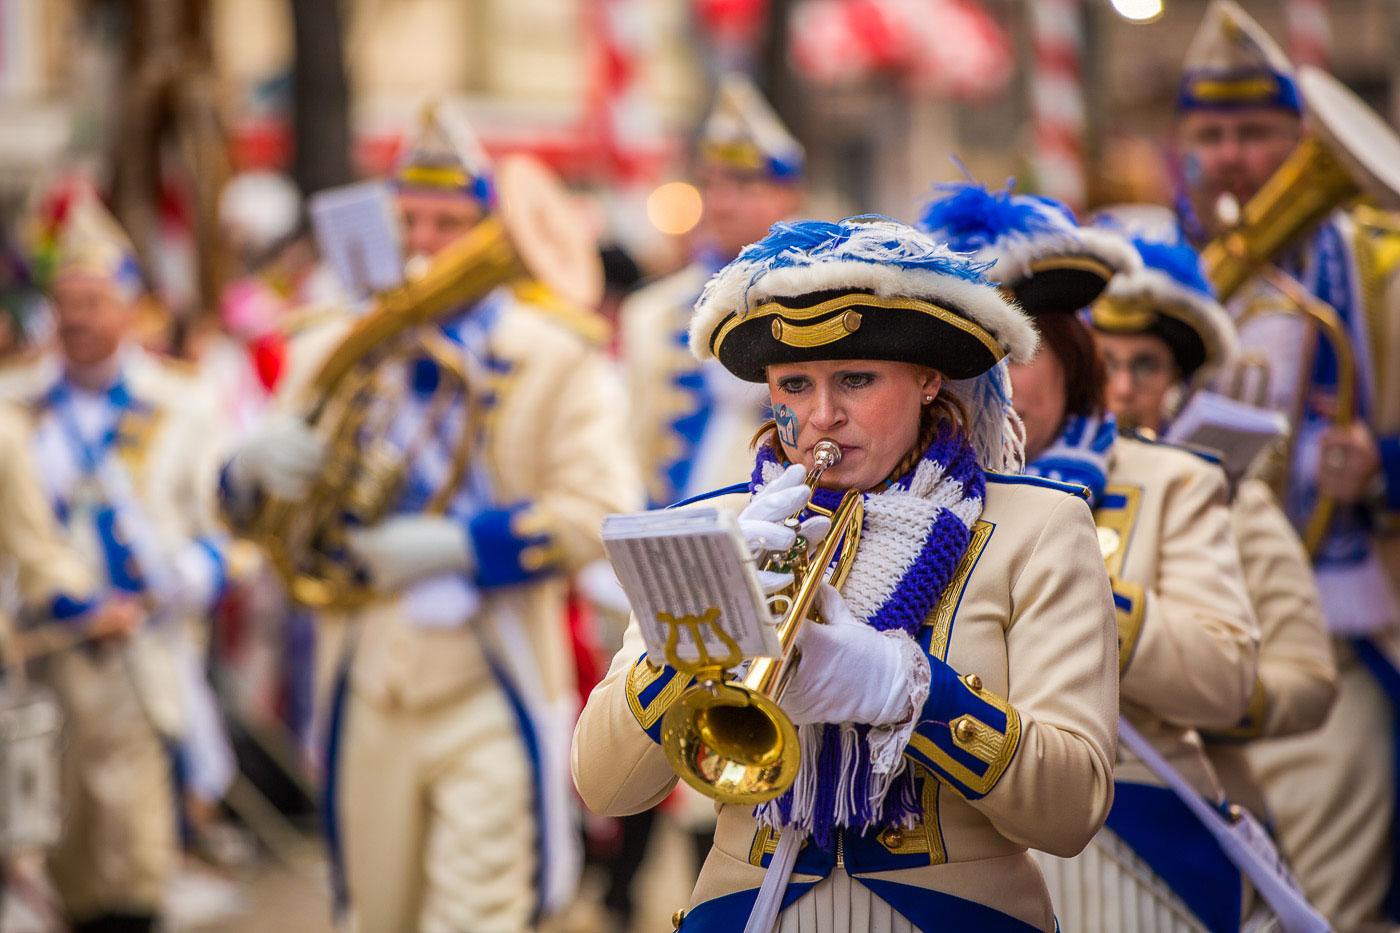 foto-festival-karneval-92